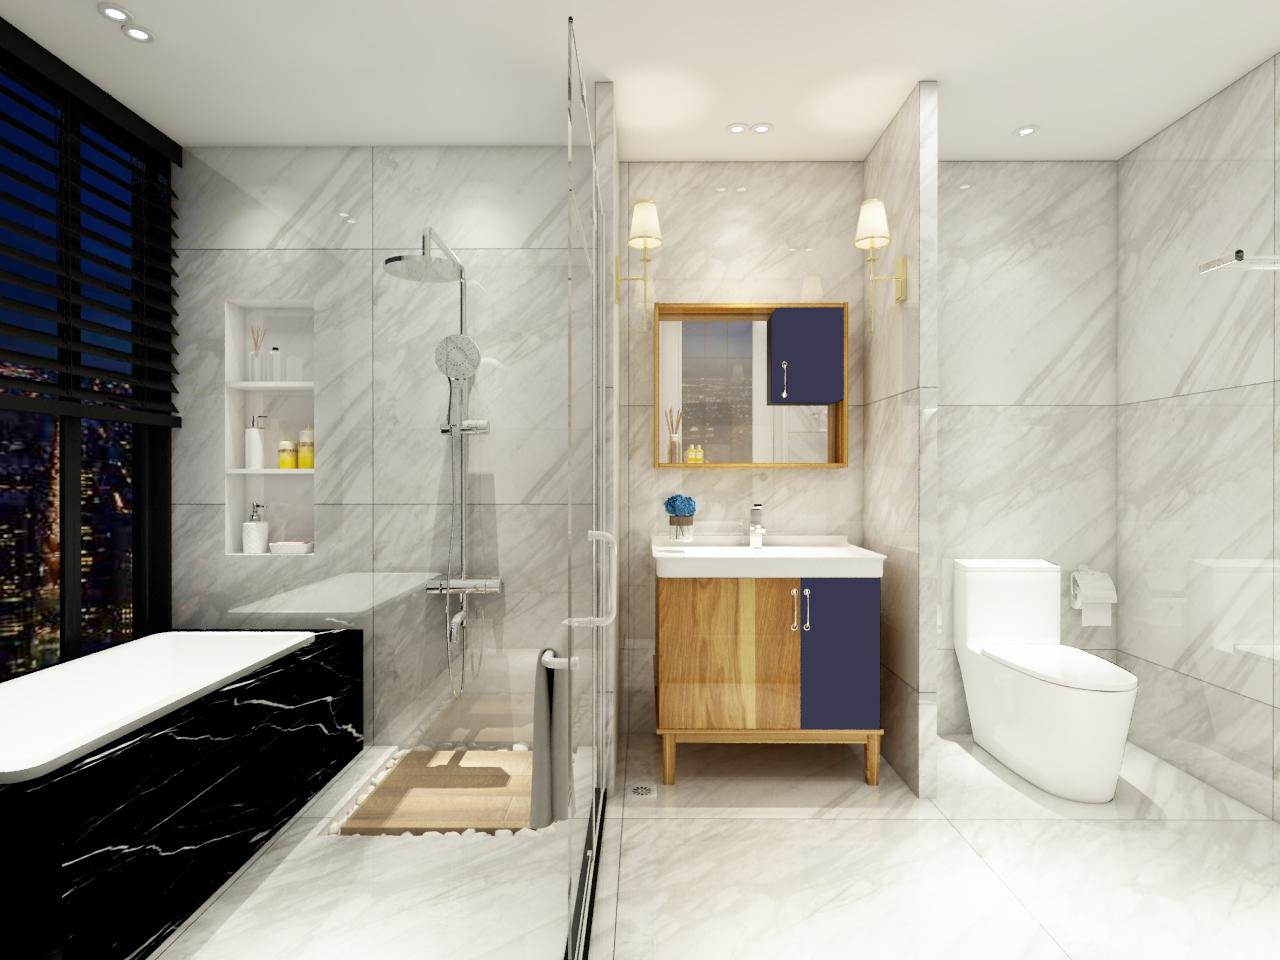 金柏丽雅卫浴新品浴室柜Y-641丨Day&night一种风格的两种风情